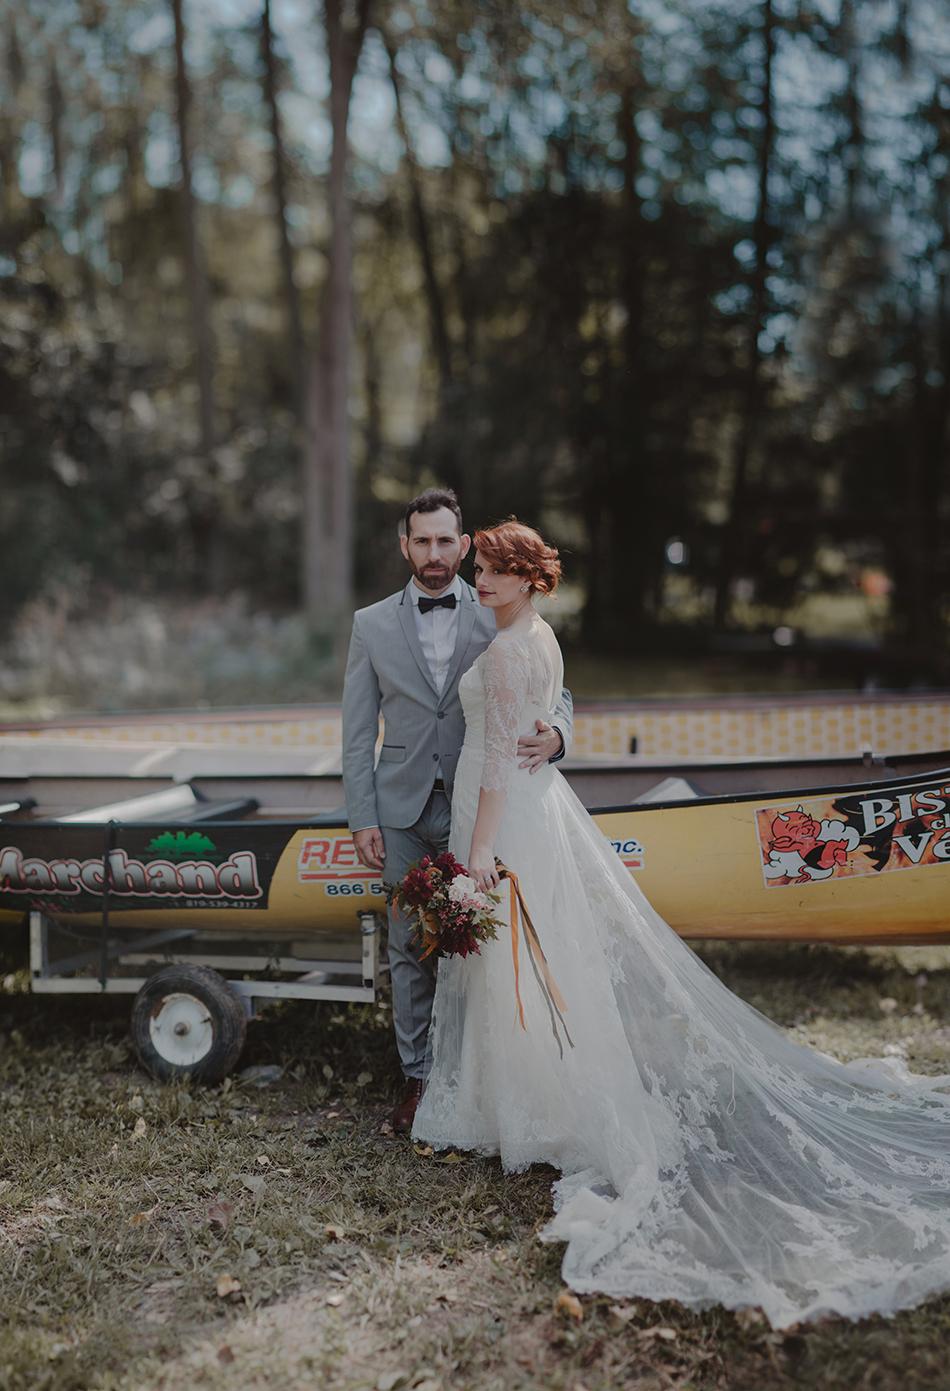 brenizer kanoe.jpg